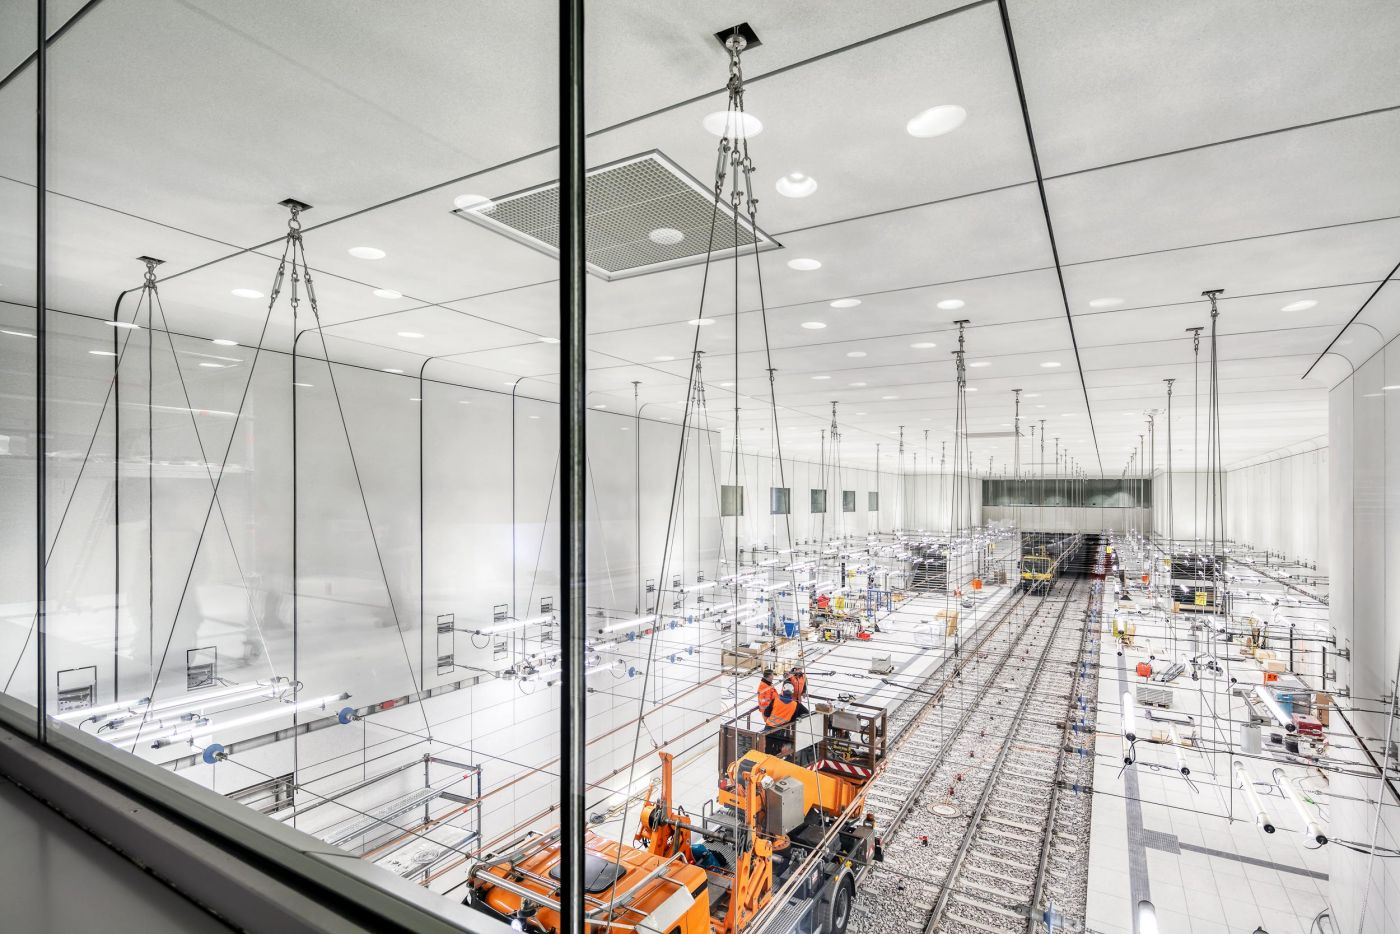 Blick auf die Baustelle im Stadtbahntunnel Karlsruhe